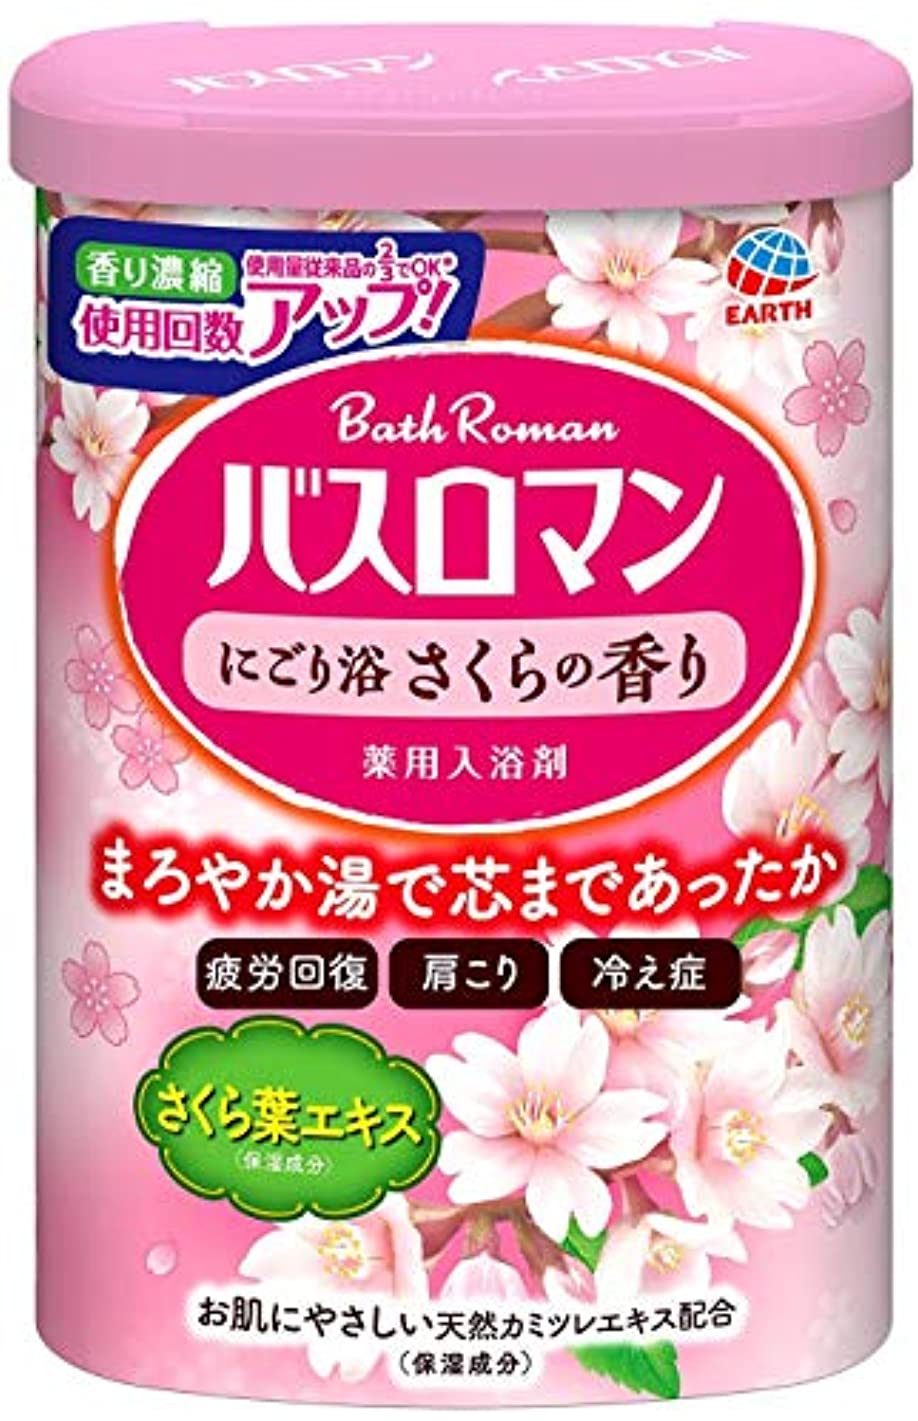 【医薬部外品】 アース製薬 バスロマン 入浴剤 にごり浴 さくらの香り 600g